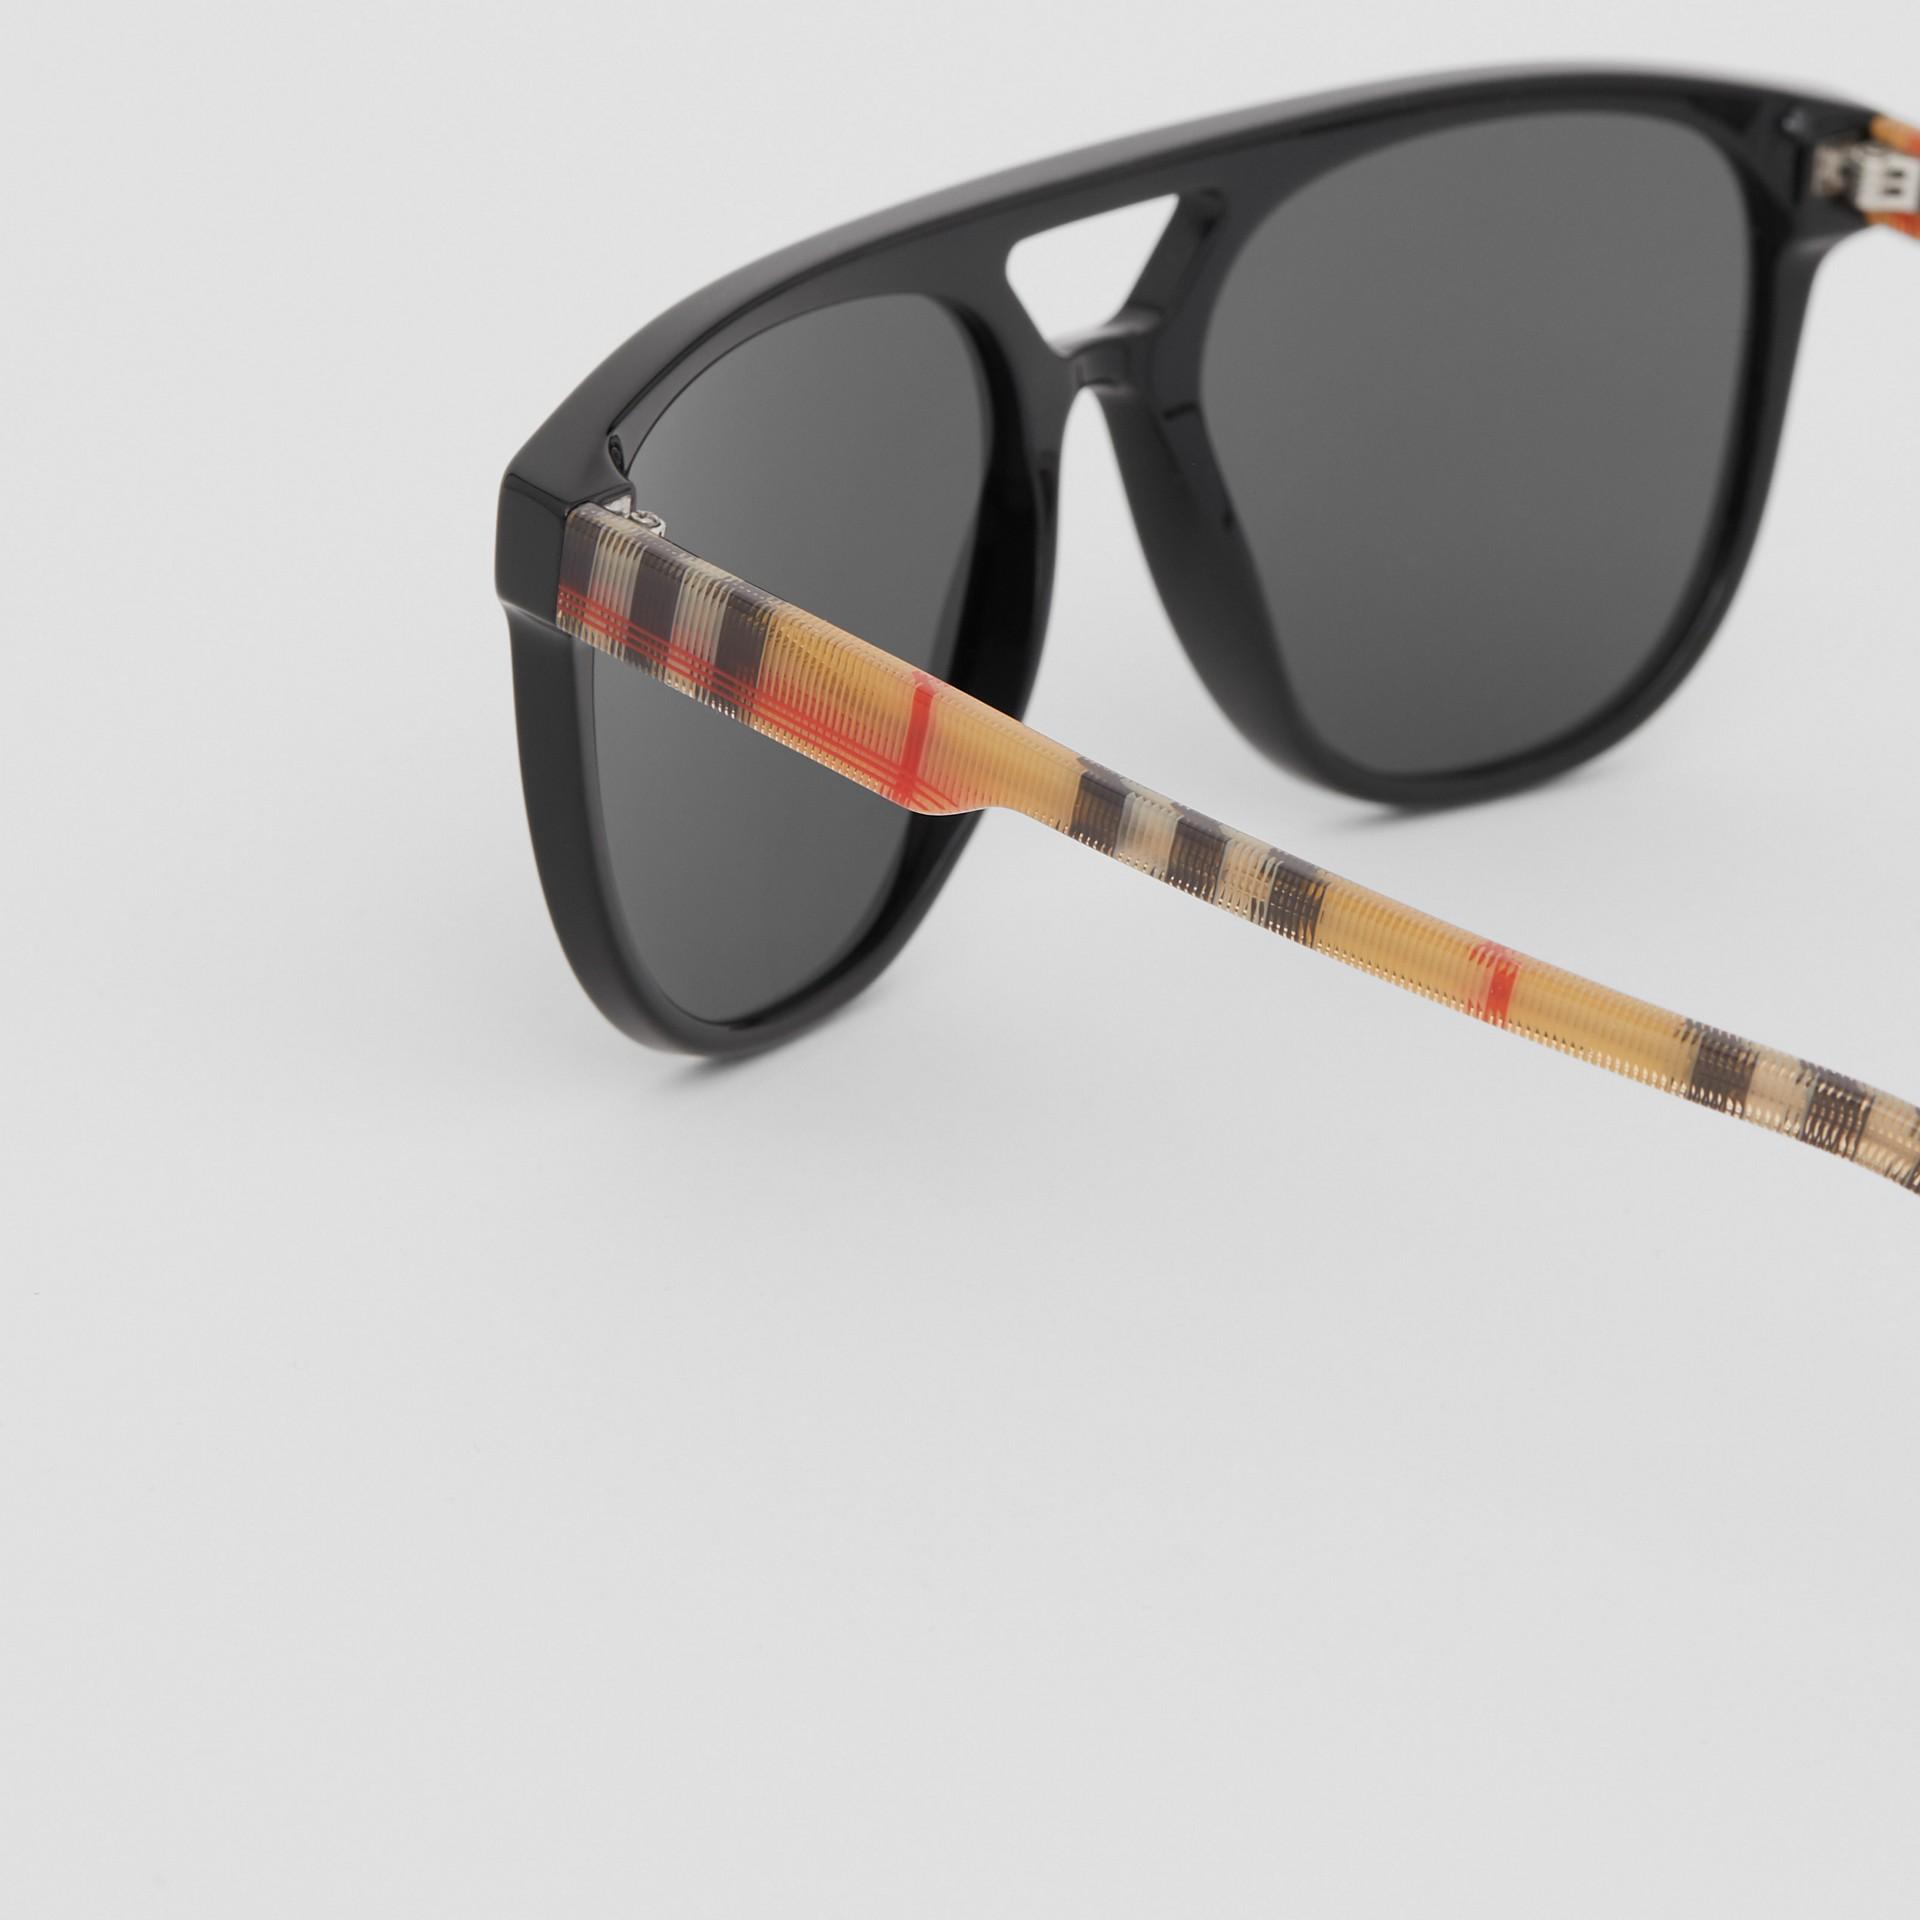 領航員太陽眼鏡 (黑色) - 男款 | Burberry - 圖庫照片 1